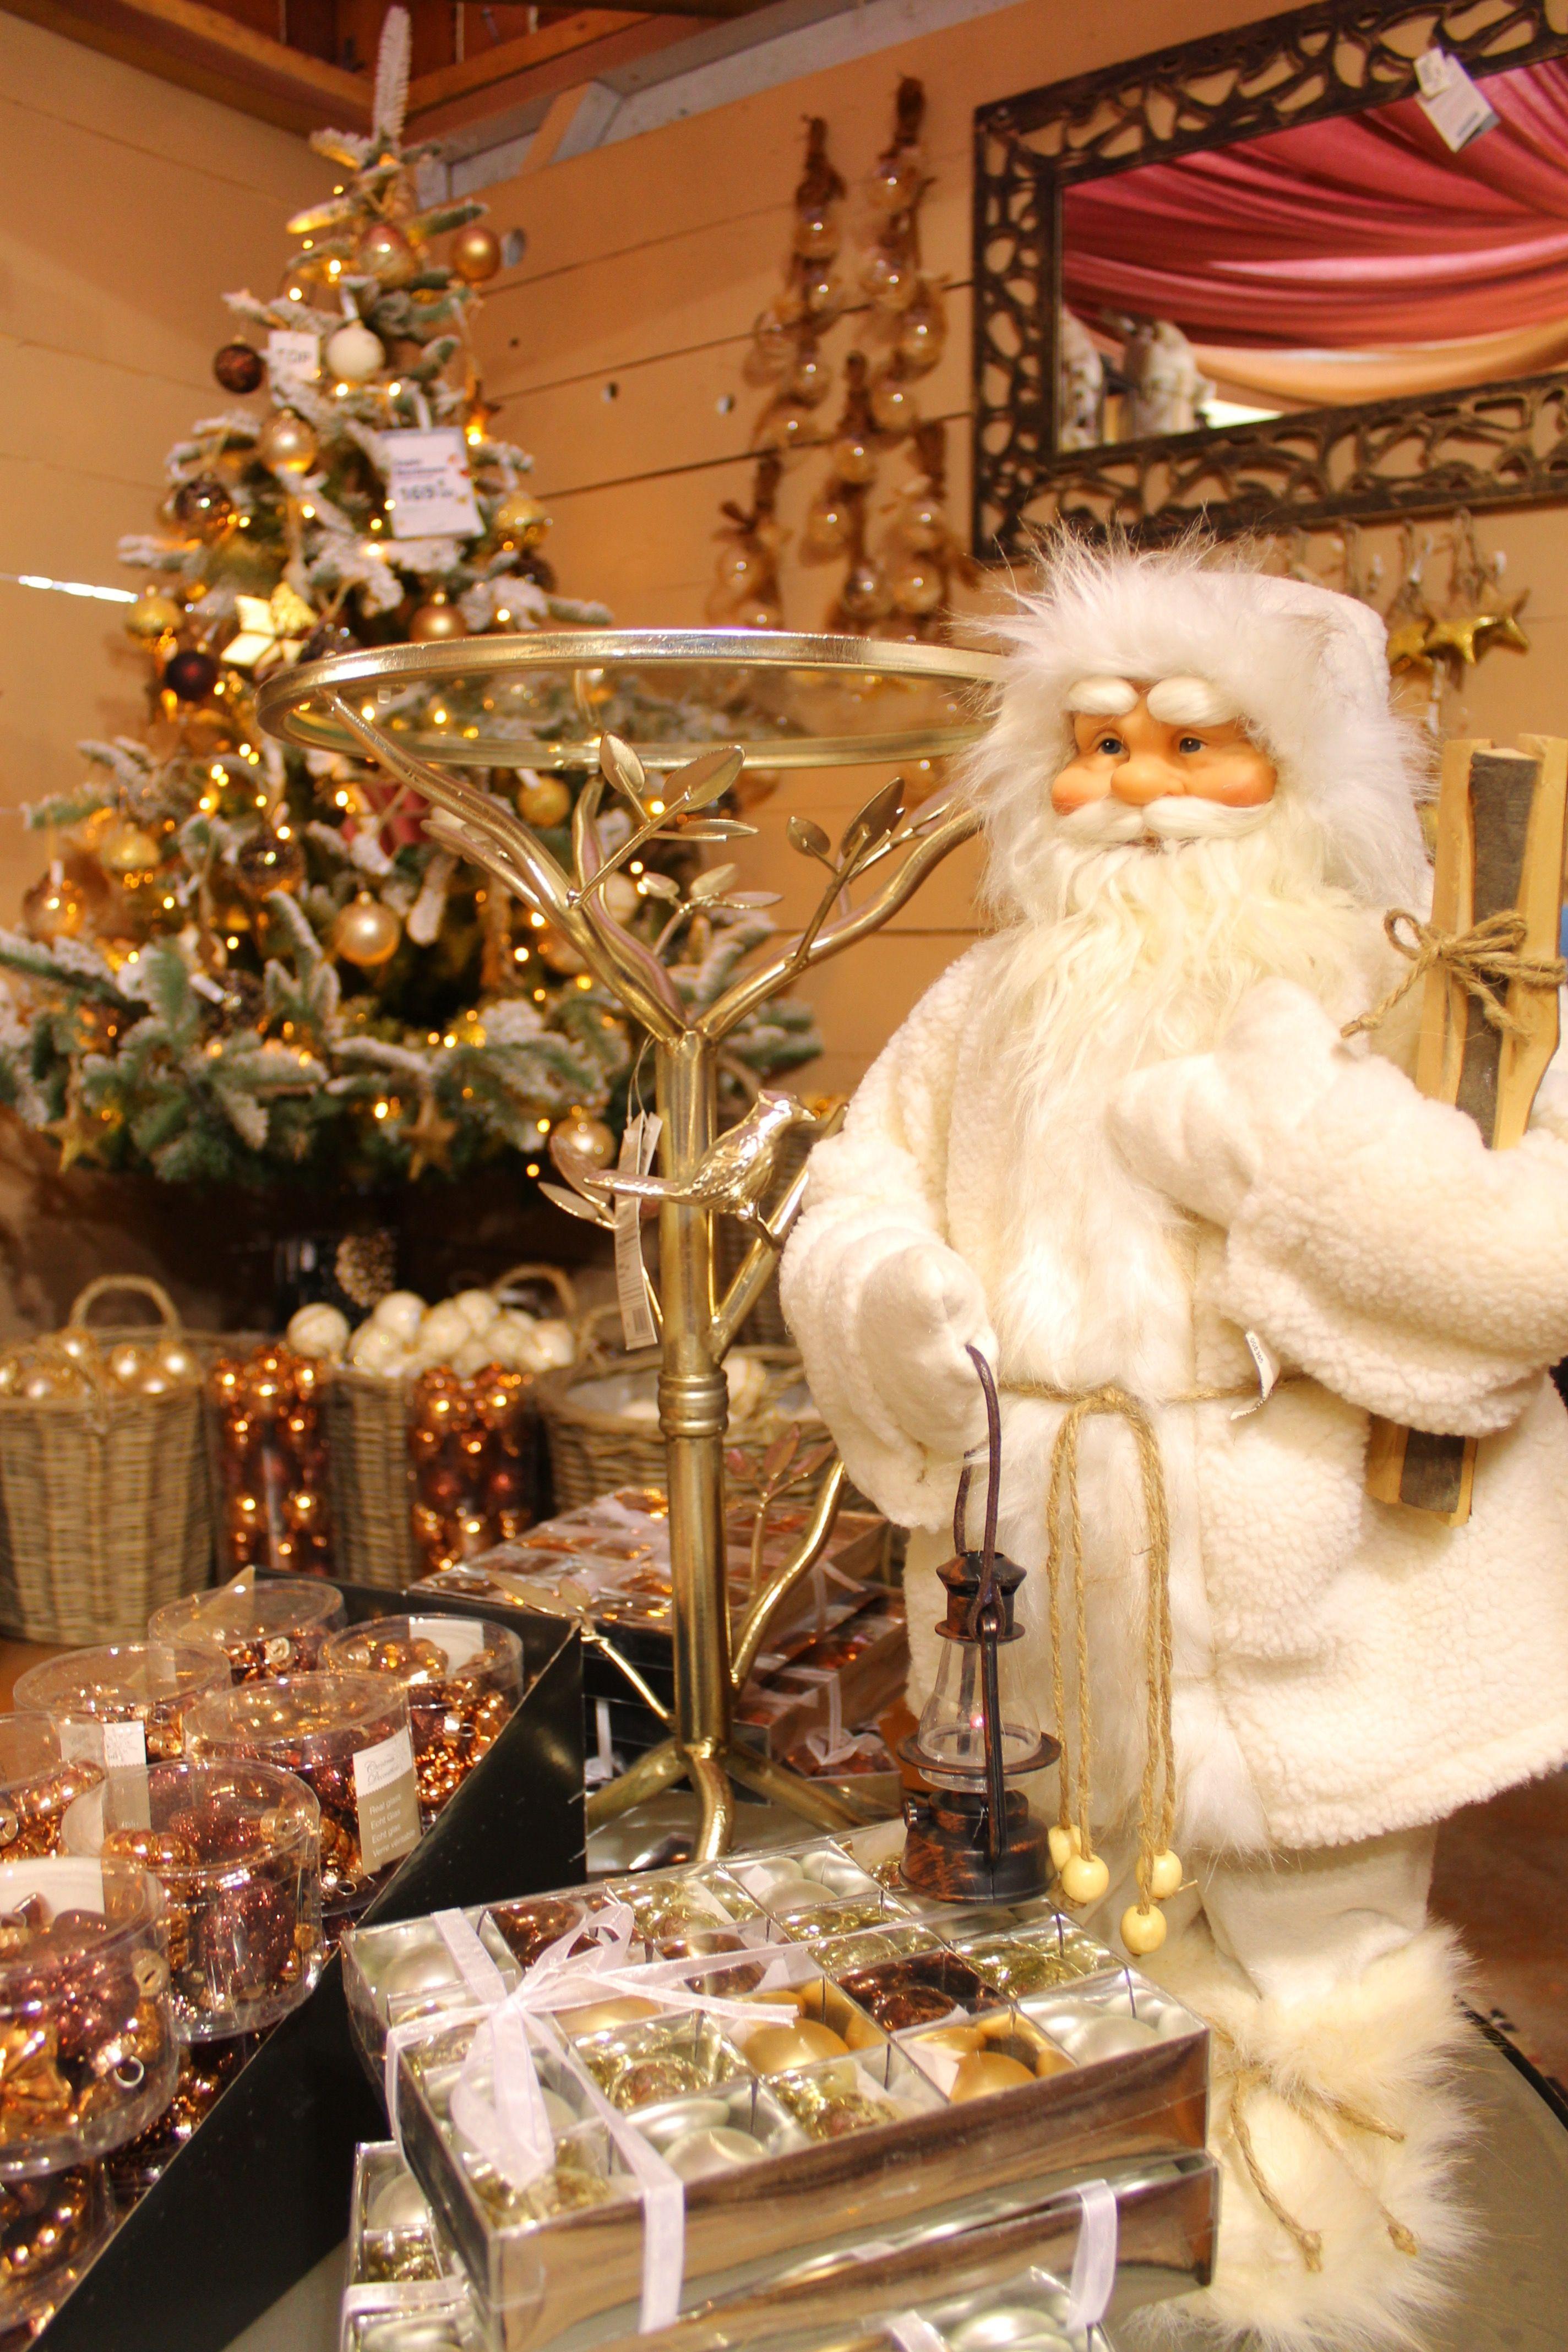 Noël thème nature Père noel blanc et décoration avec des